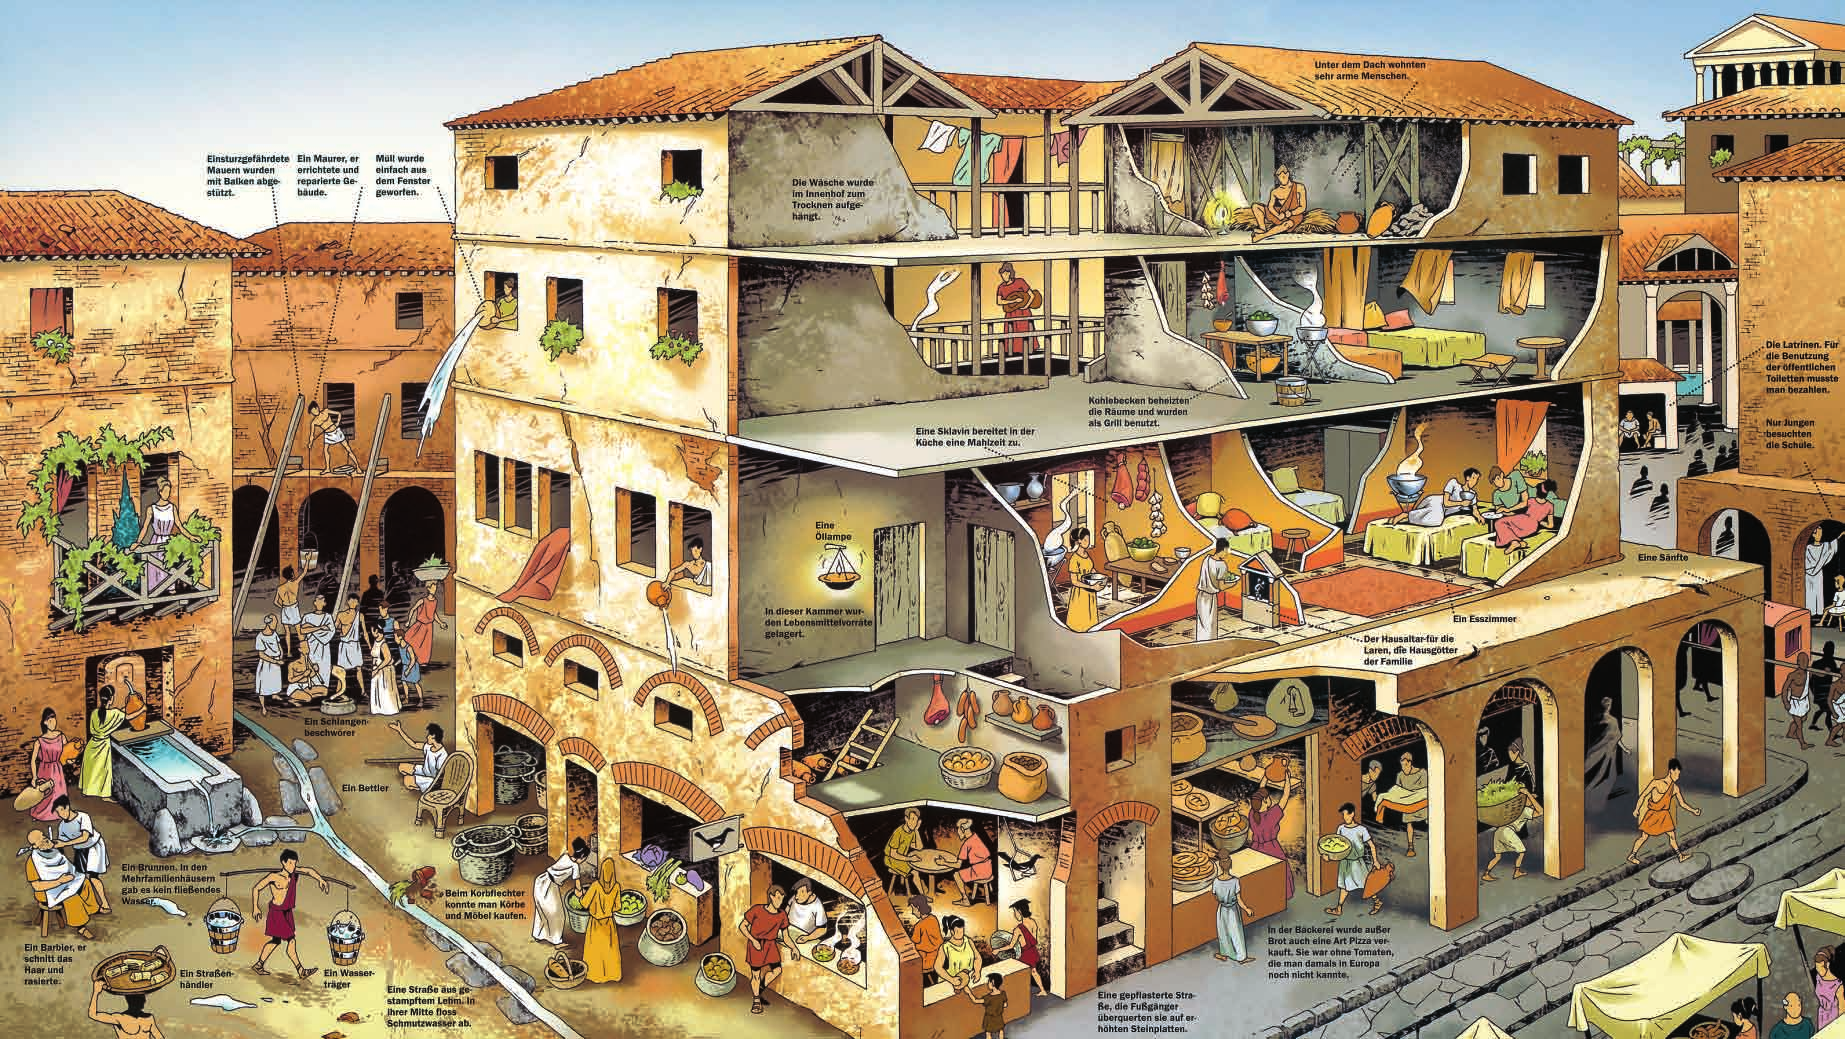 Fertigt mithilfe des Bildes dieser Doppelseite eine spannende Reportage  über das Leben in einem Mietshaus im